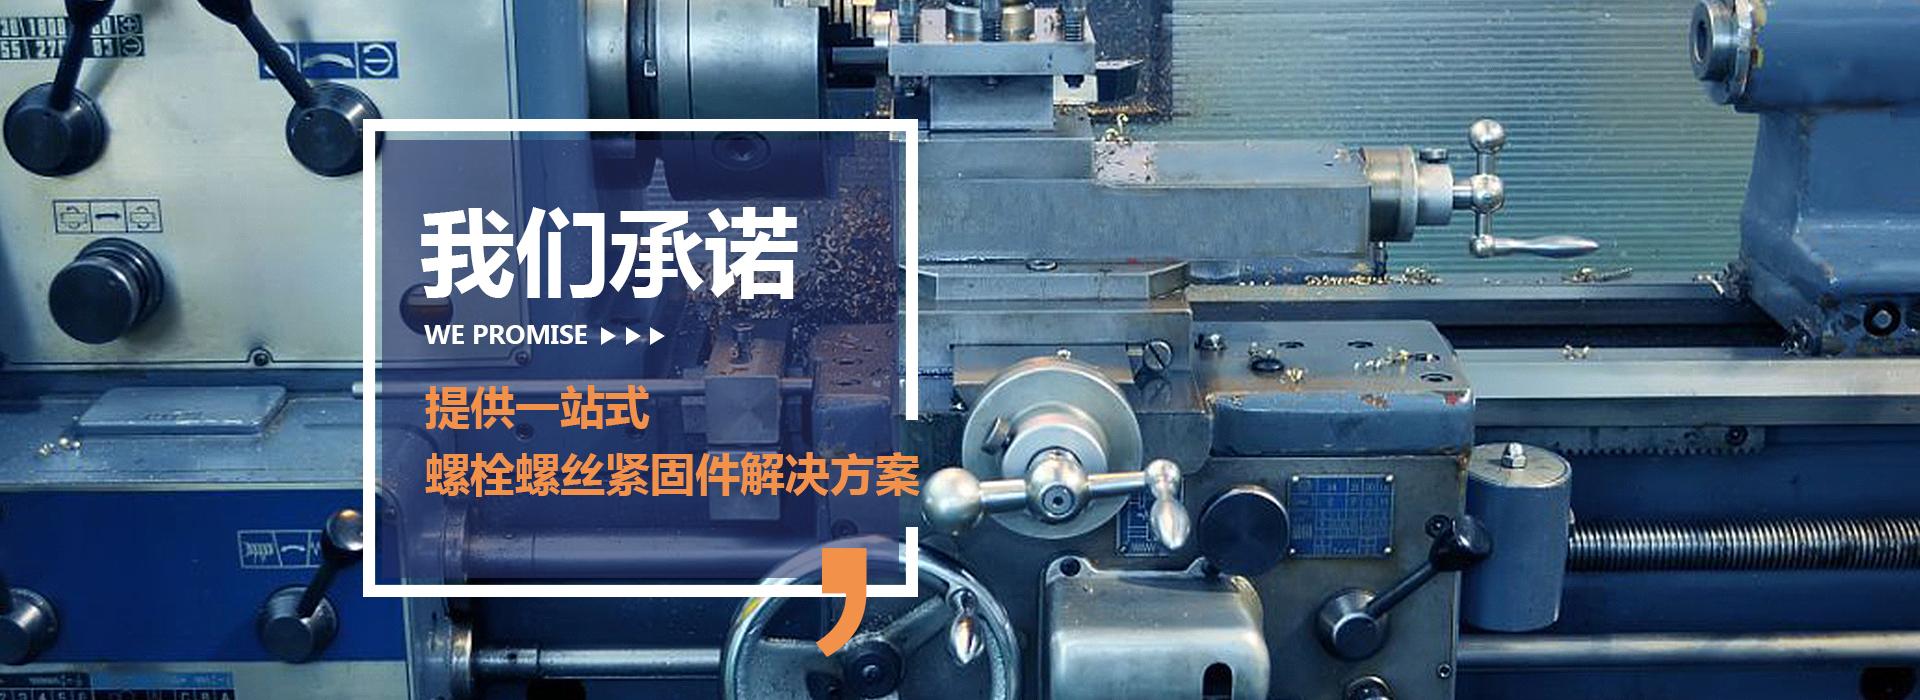 万晨驰固:提供一站式螺栓螺丝紧固件解决方案